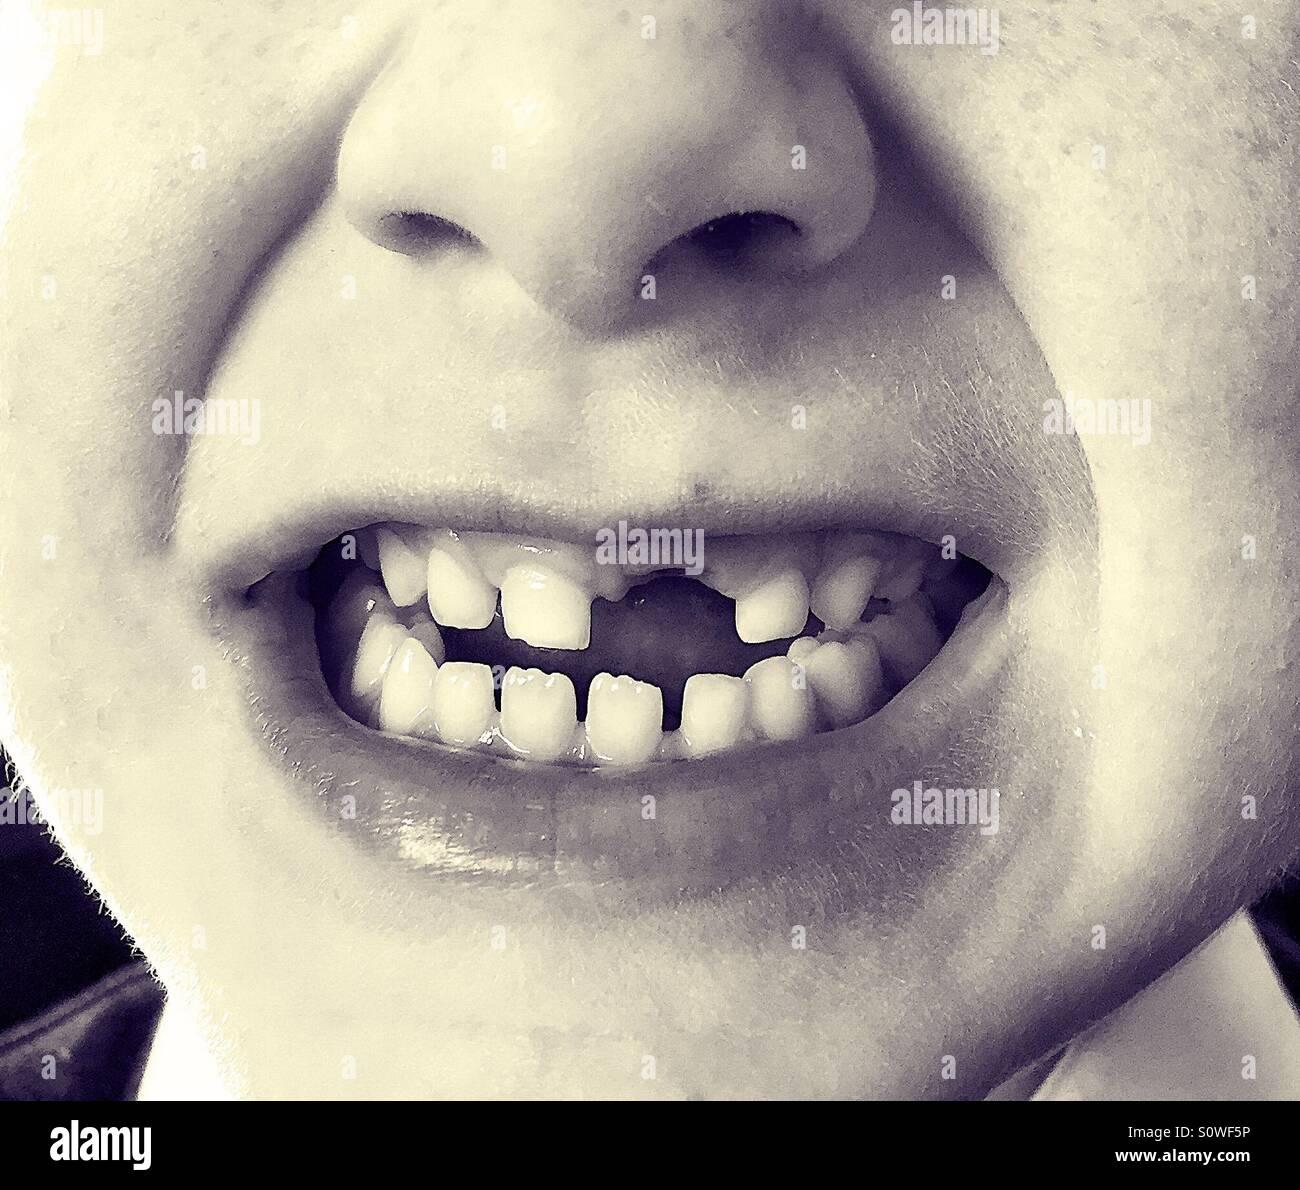 Bambino mancante del dente anteriore. Immagini Stock